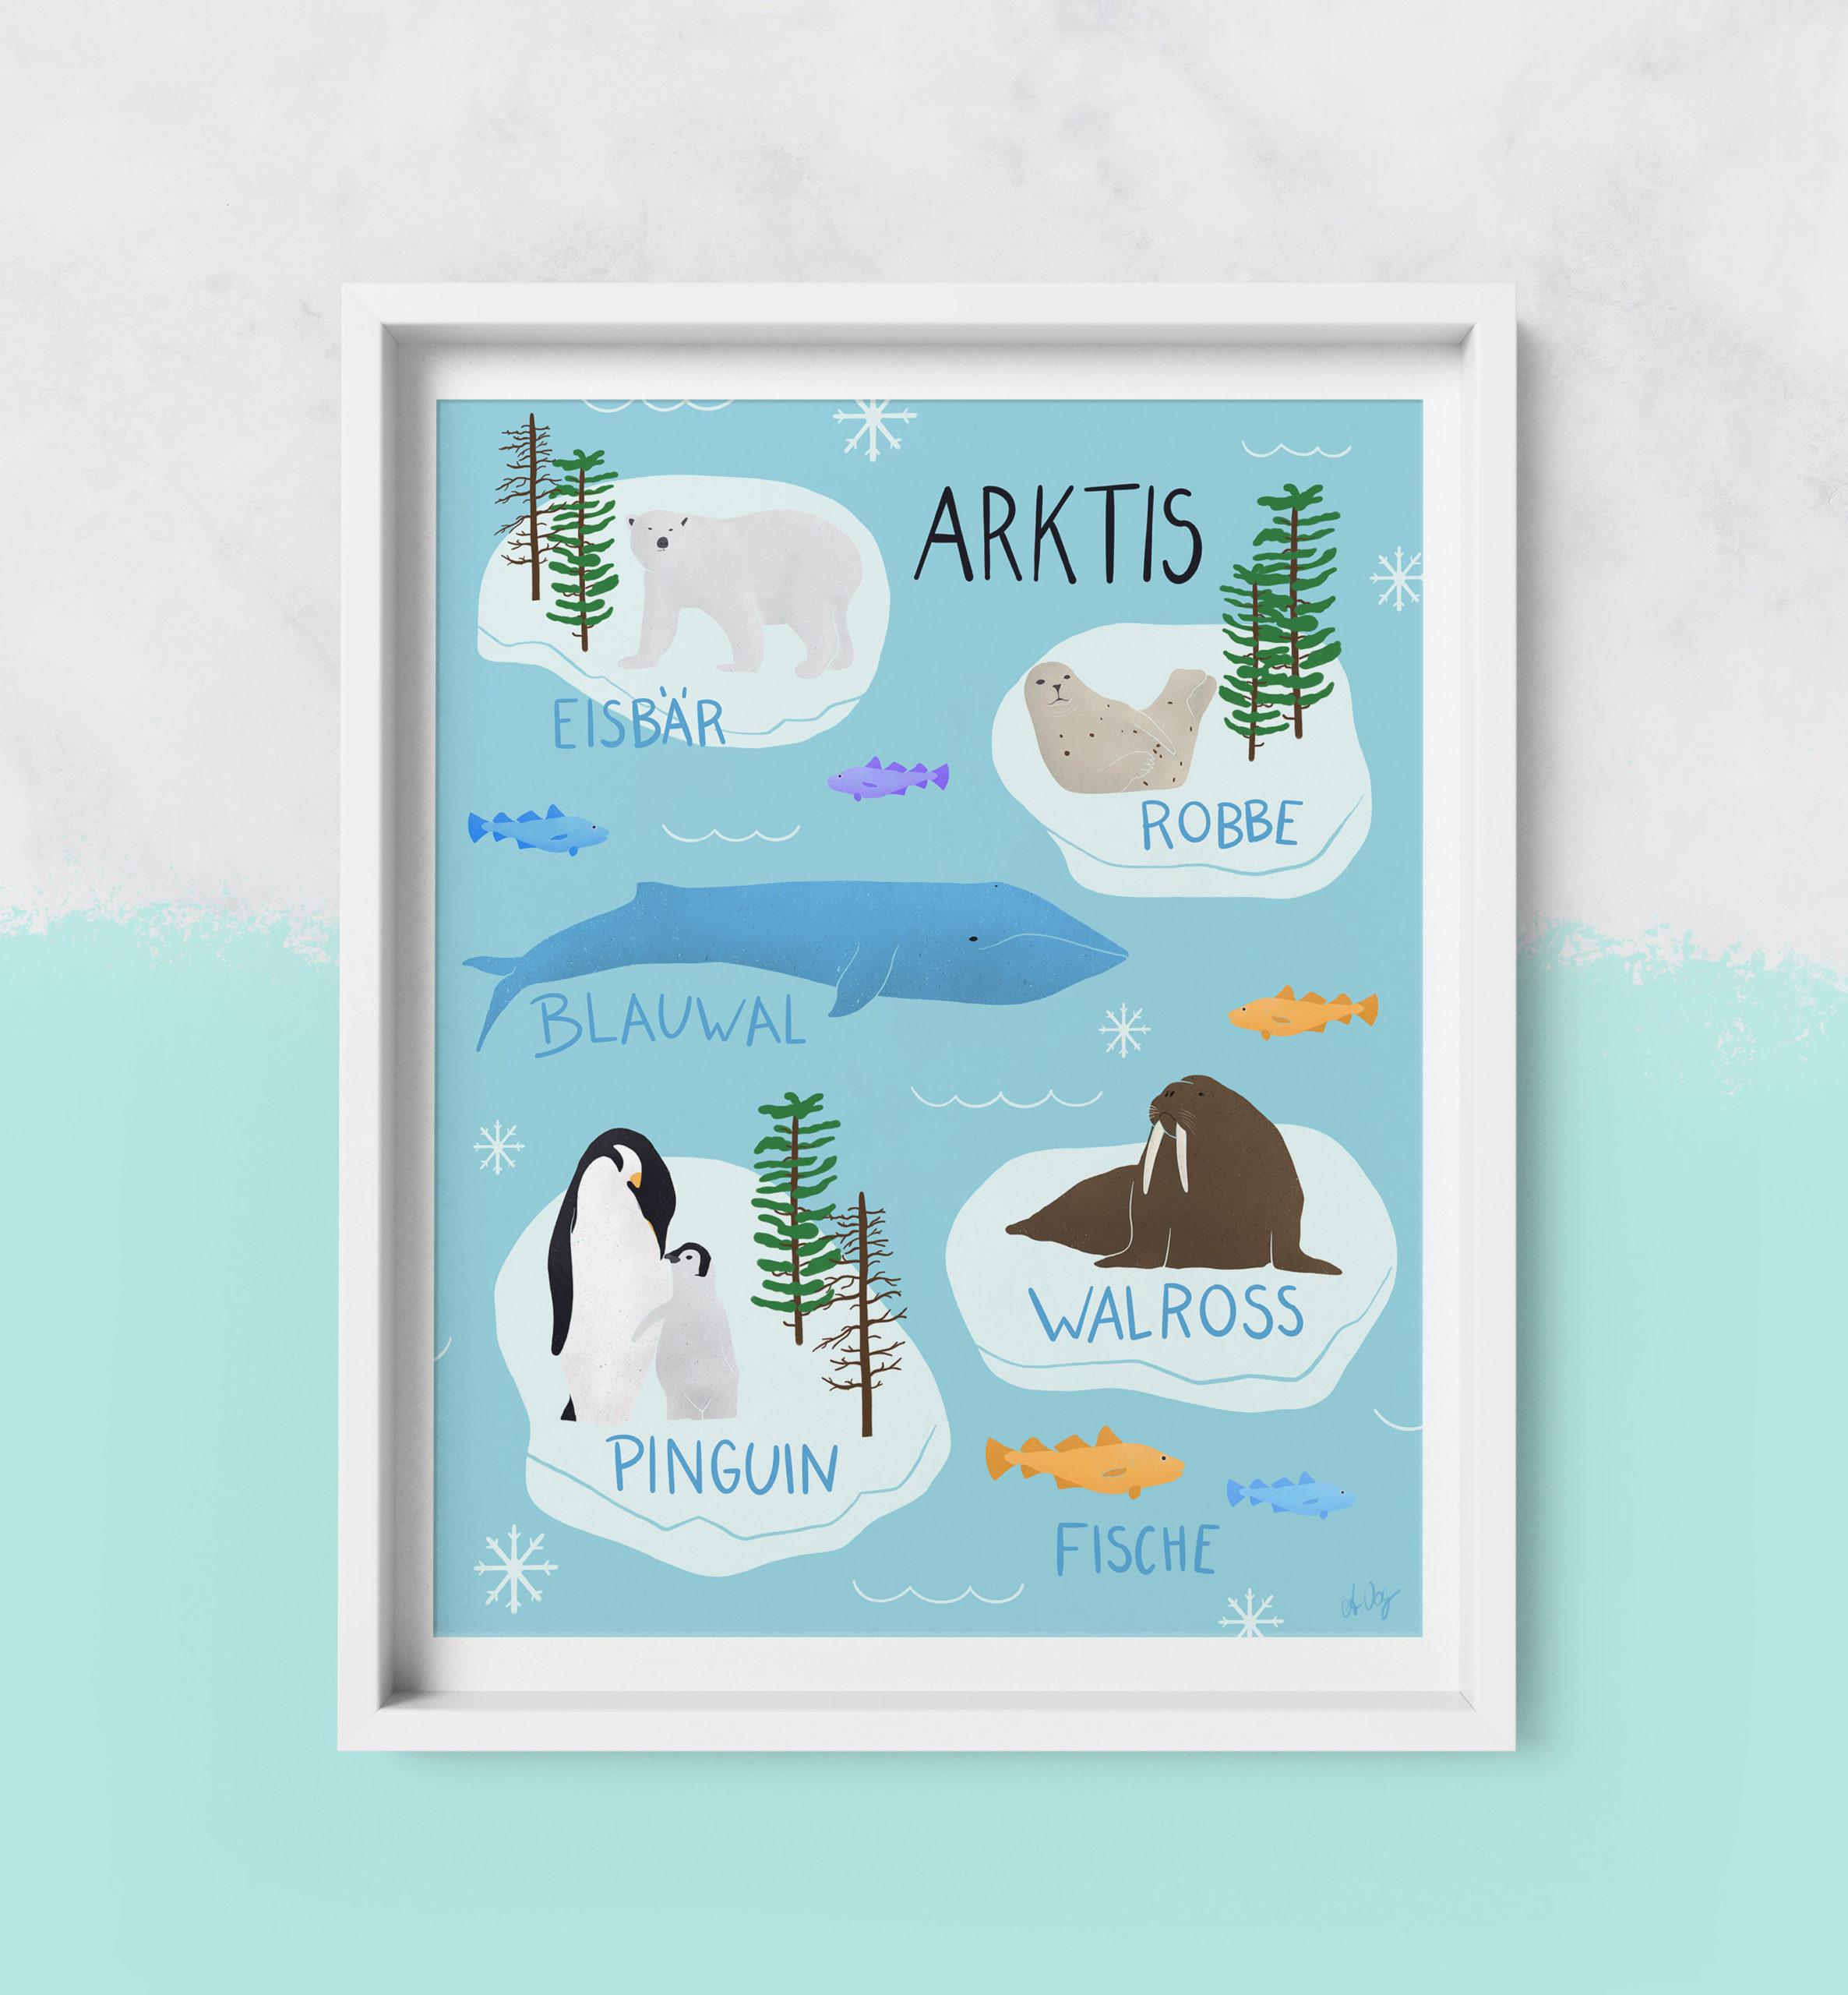 Framed-Art Arktis